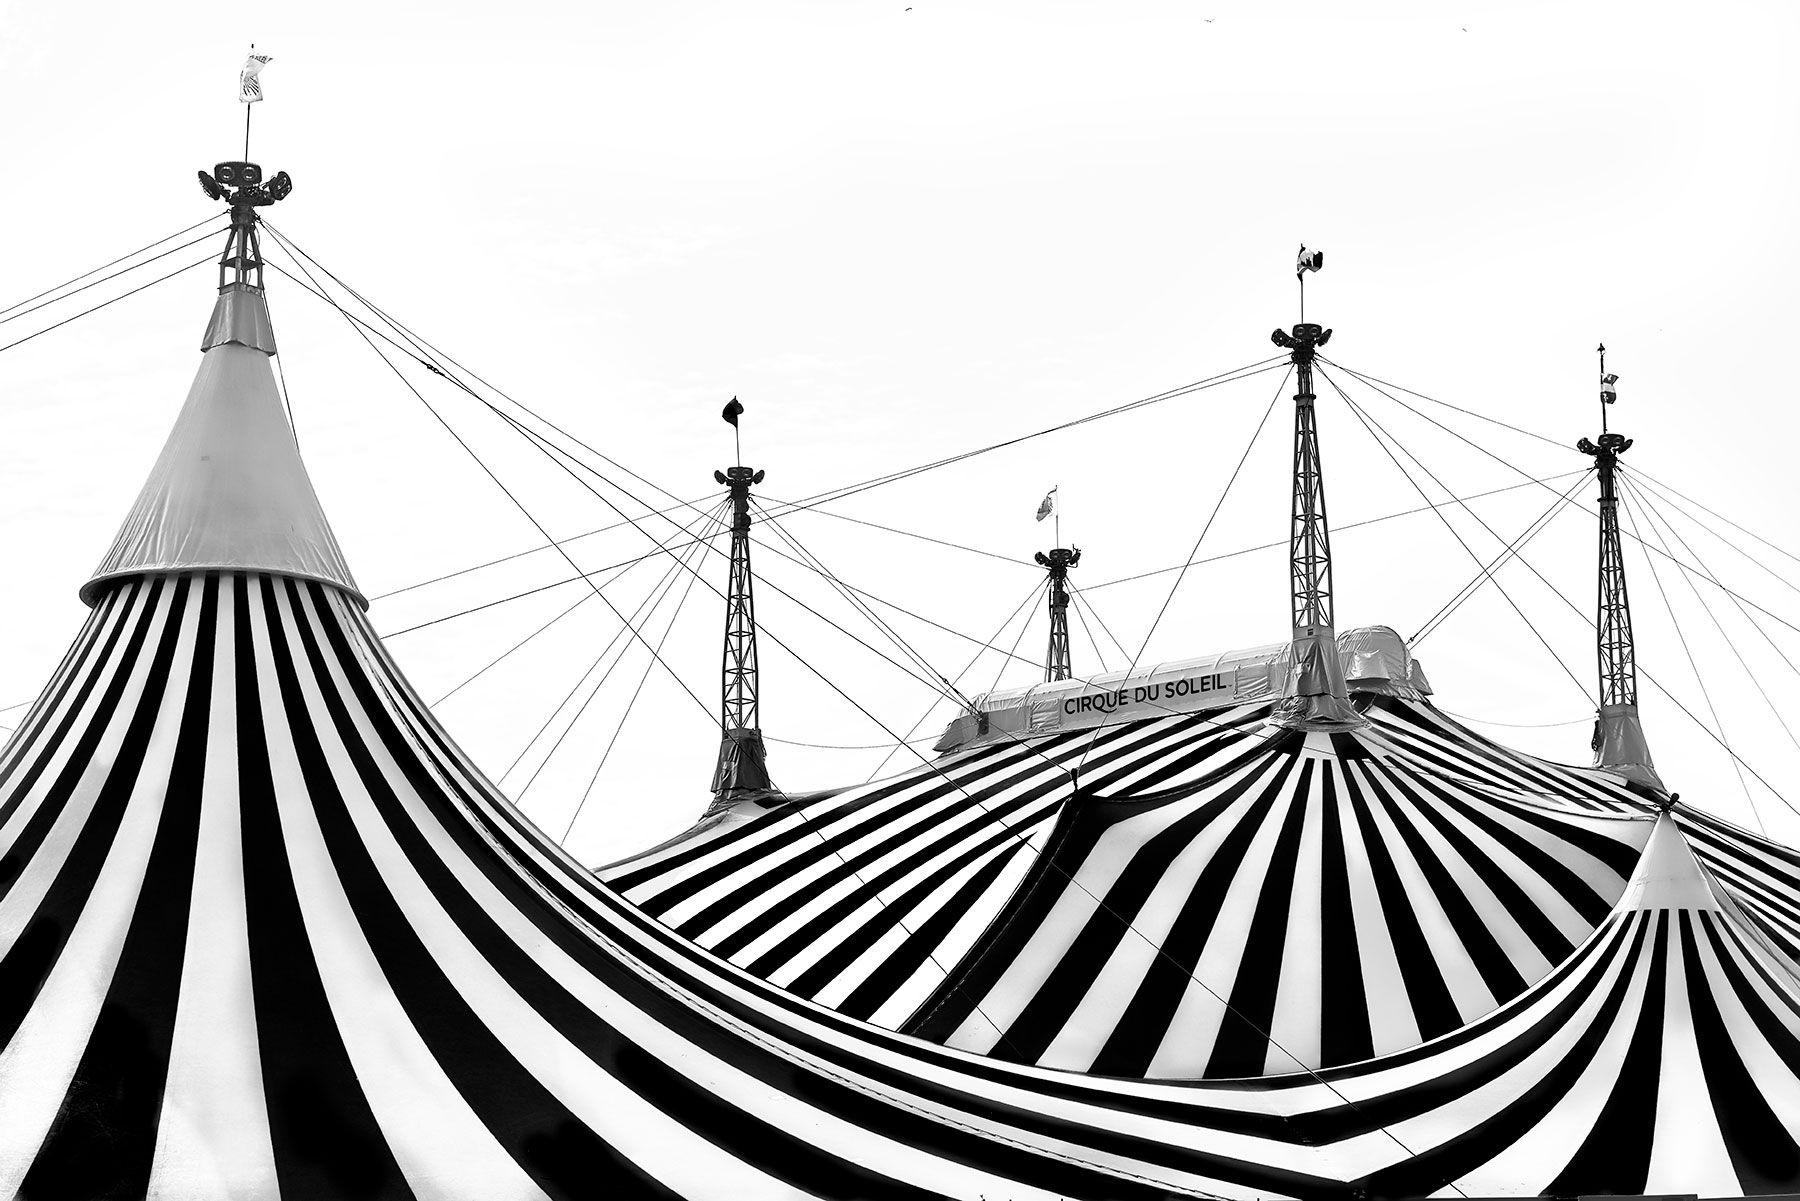 Cirque du Soleil (y del cielo)